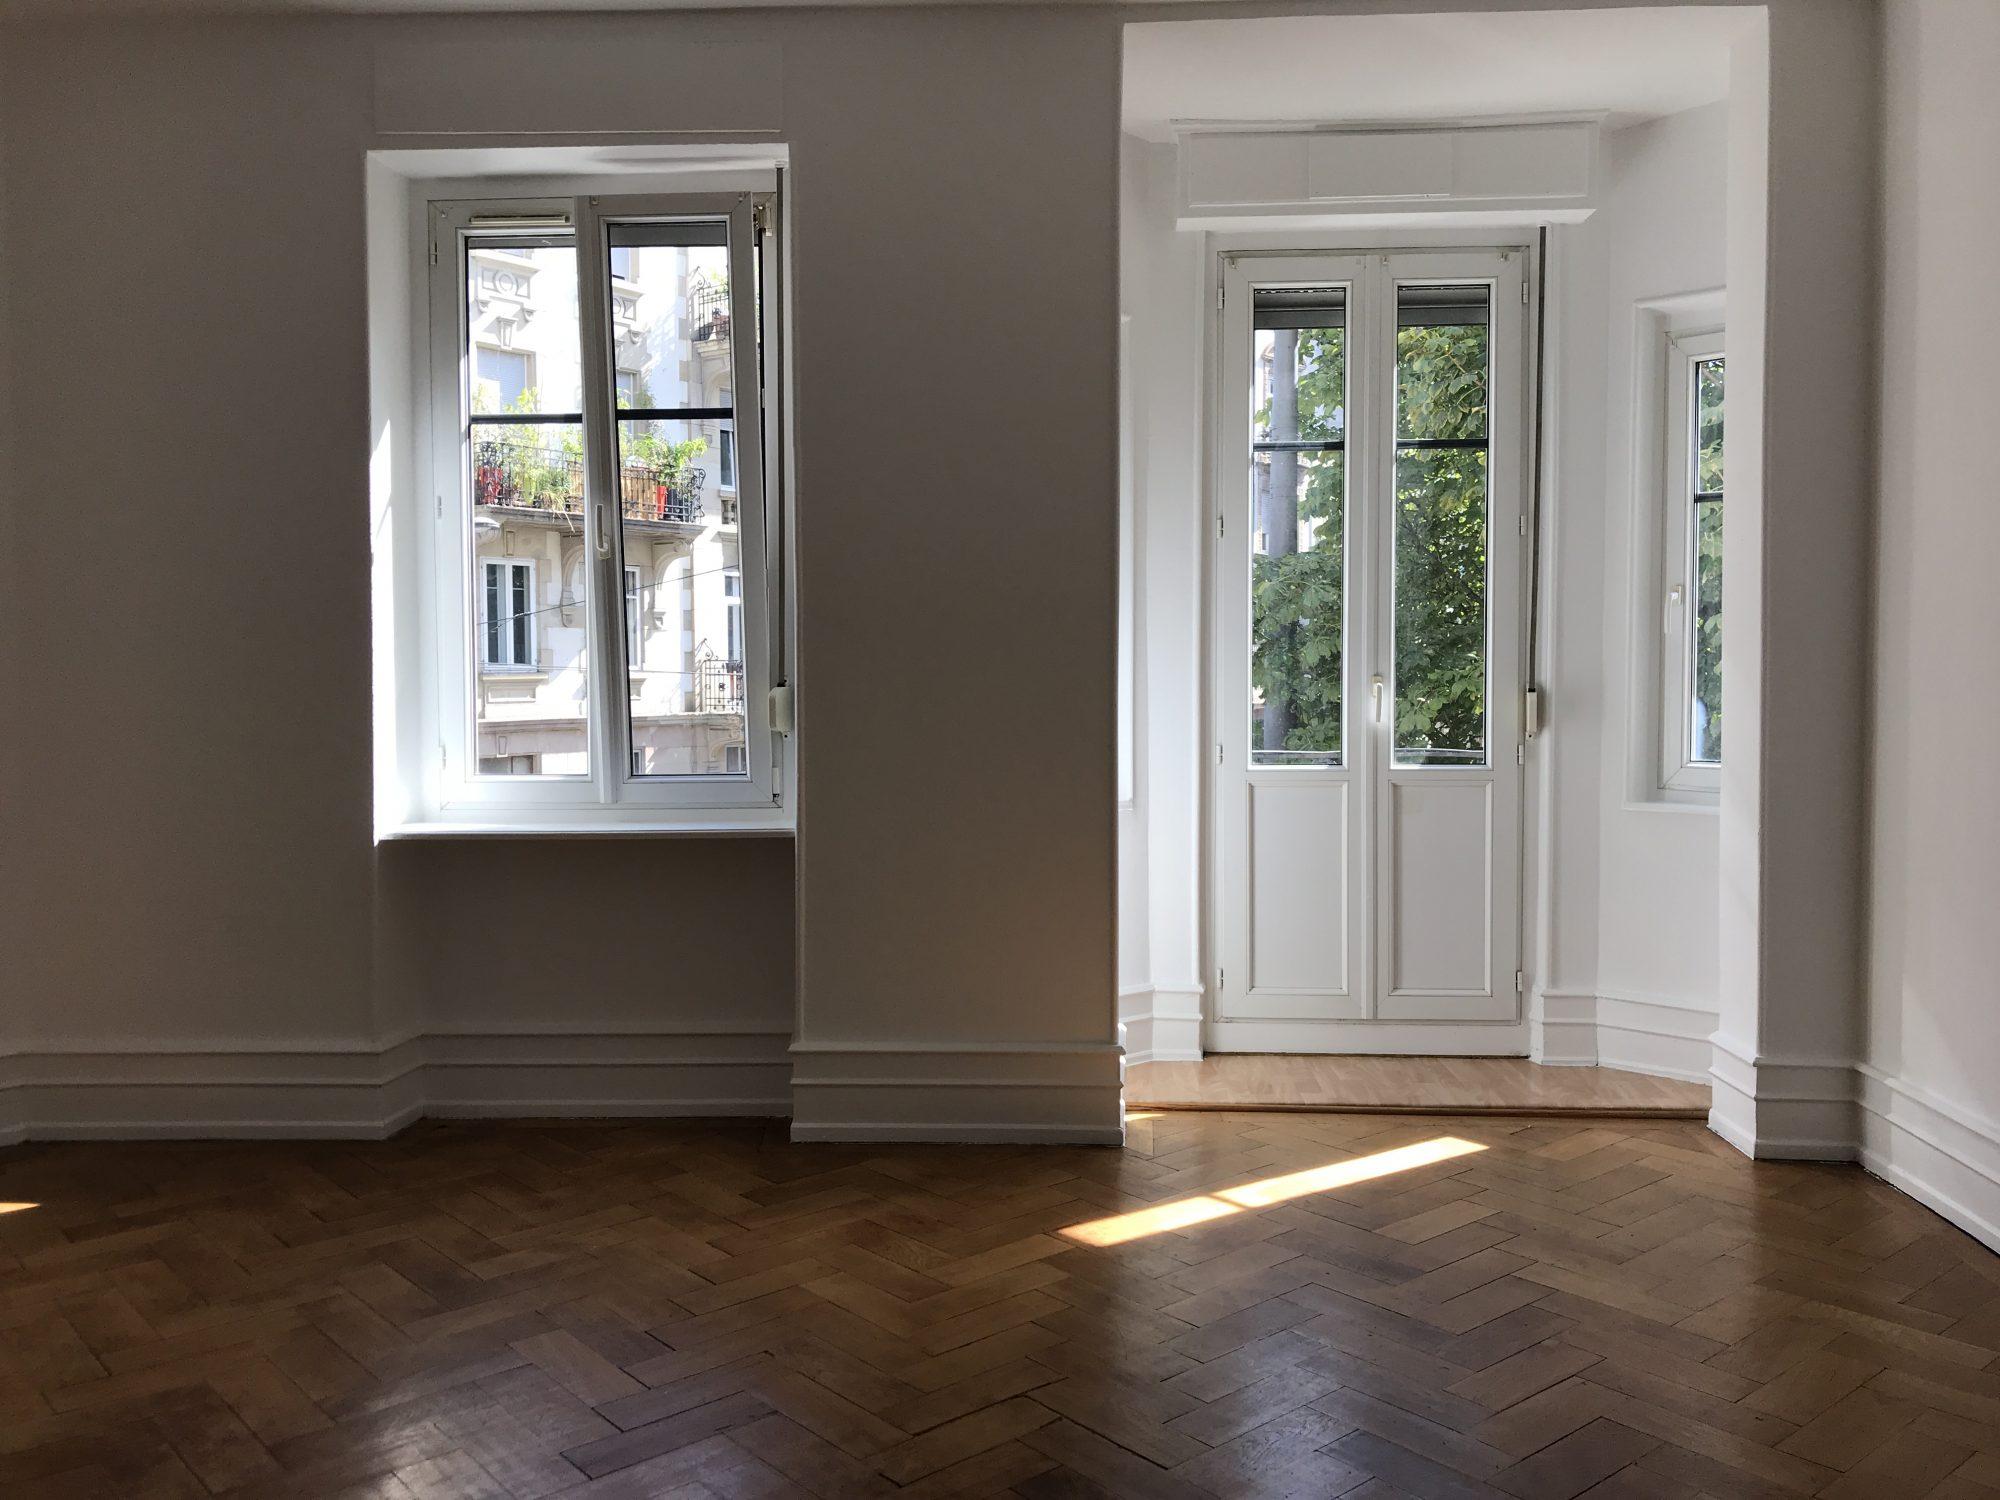 3 pièces musée d'art moderne - Devenez locataire en toute sérénité - Bintz Immobilier - 3